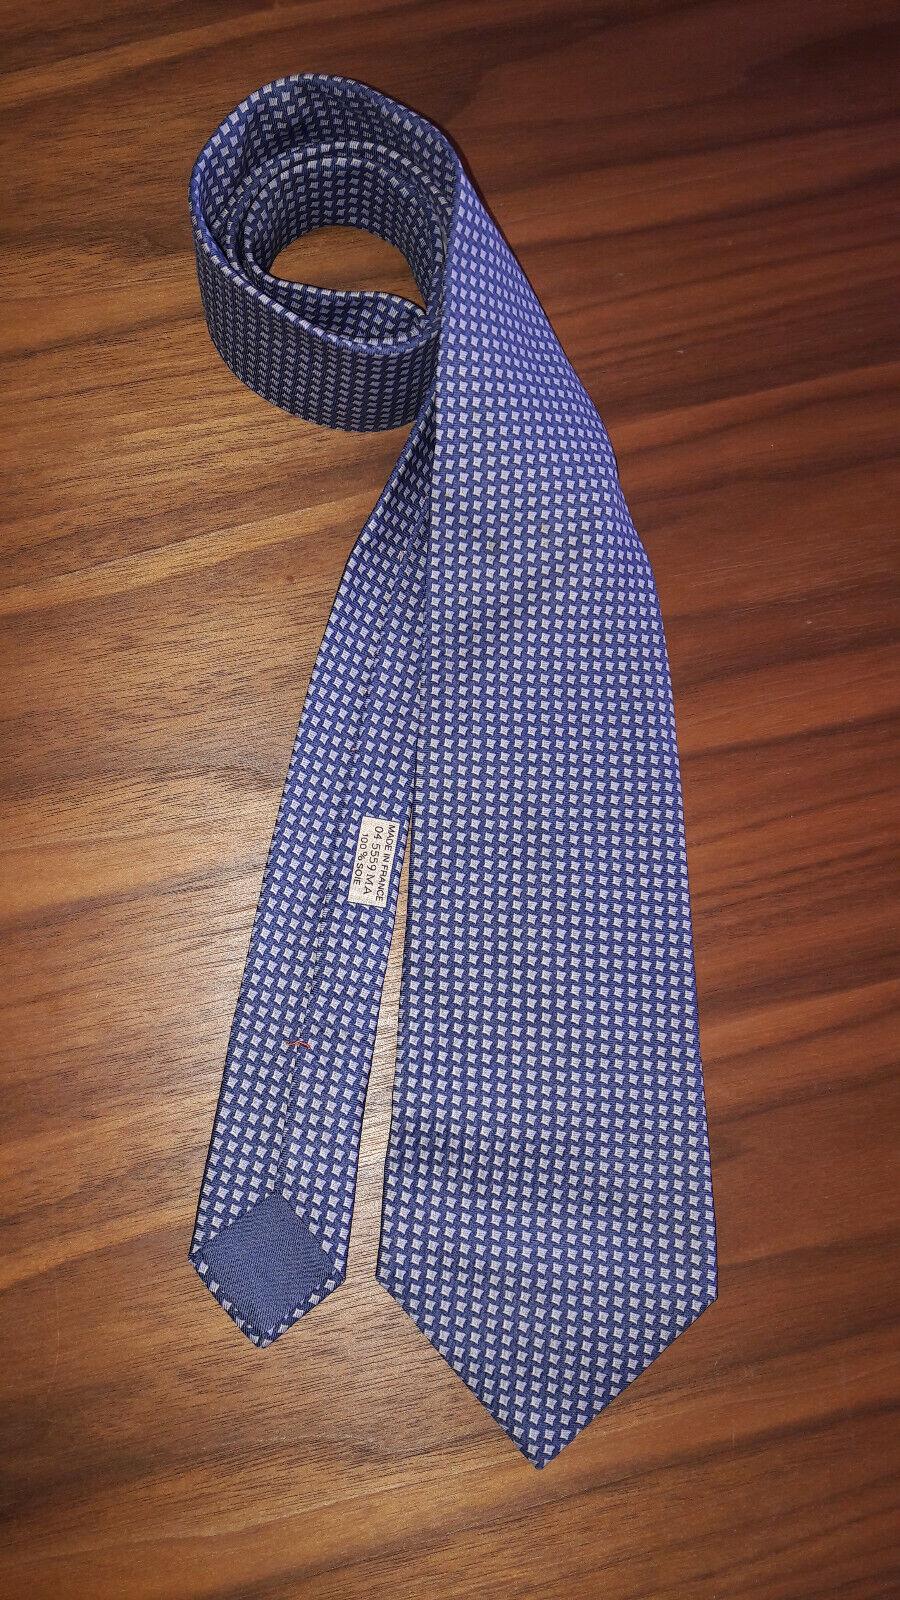 Hermès superbe cravate motif pieds de poule fond bleu 100% soie - très bon état